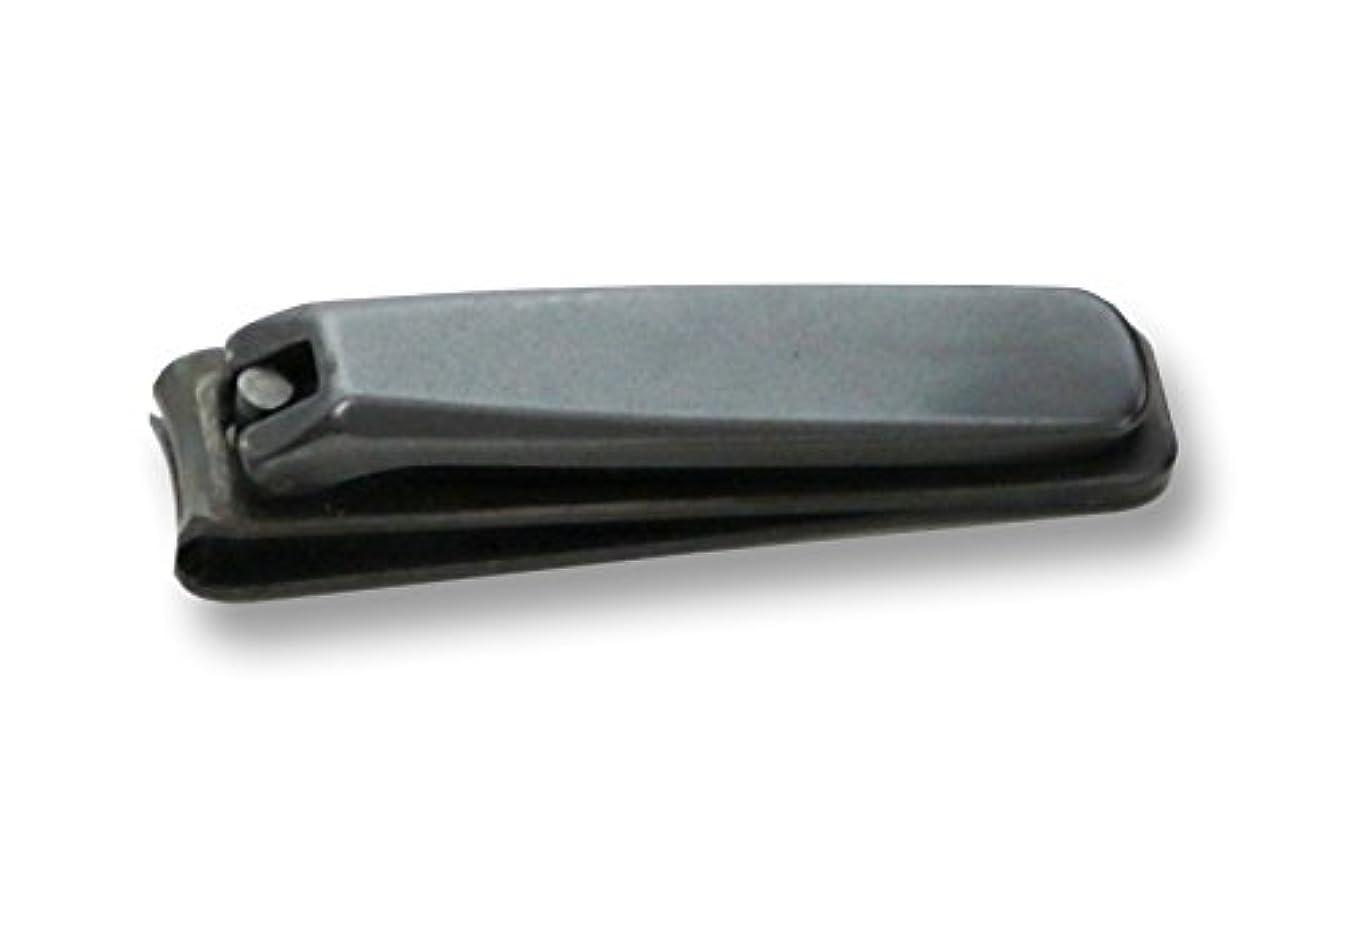 保存する中級絶妙KD-026 関の刃物 ブラック爪切 大 カバー付